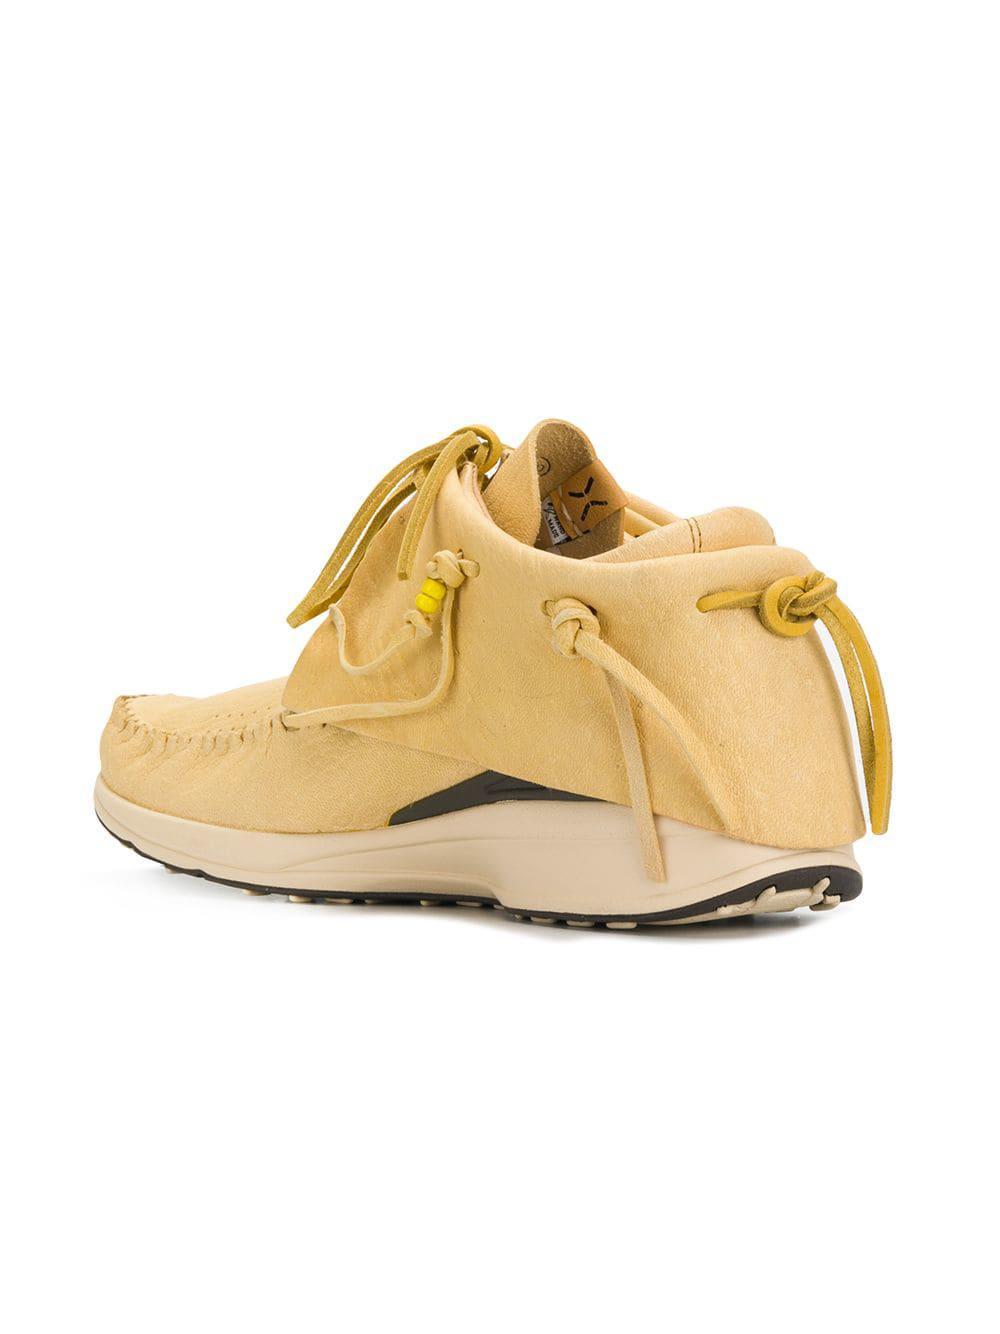 Zapatillas Red Deer Visvim de Cuero de color Amarillo para hombre